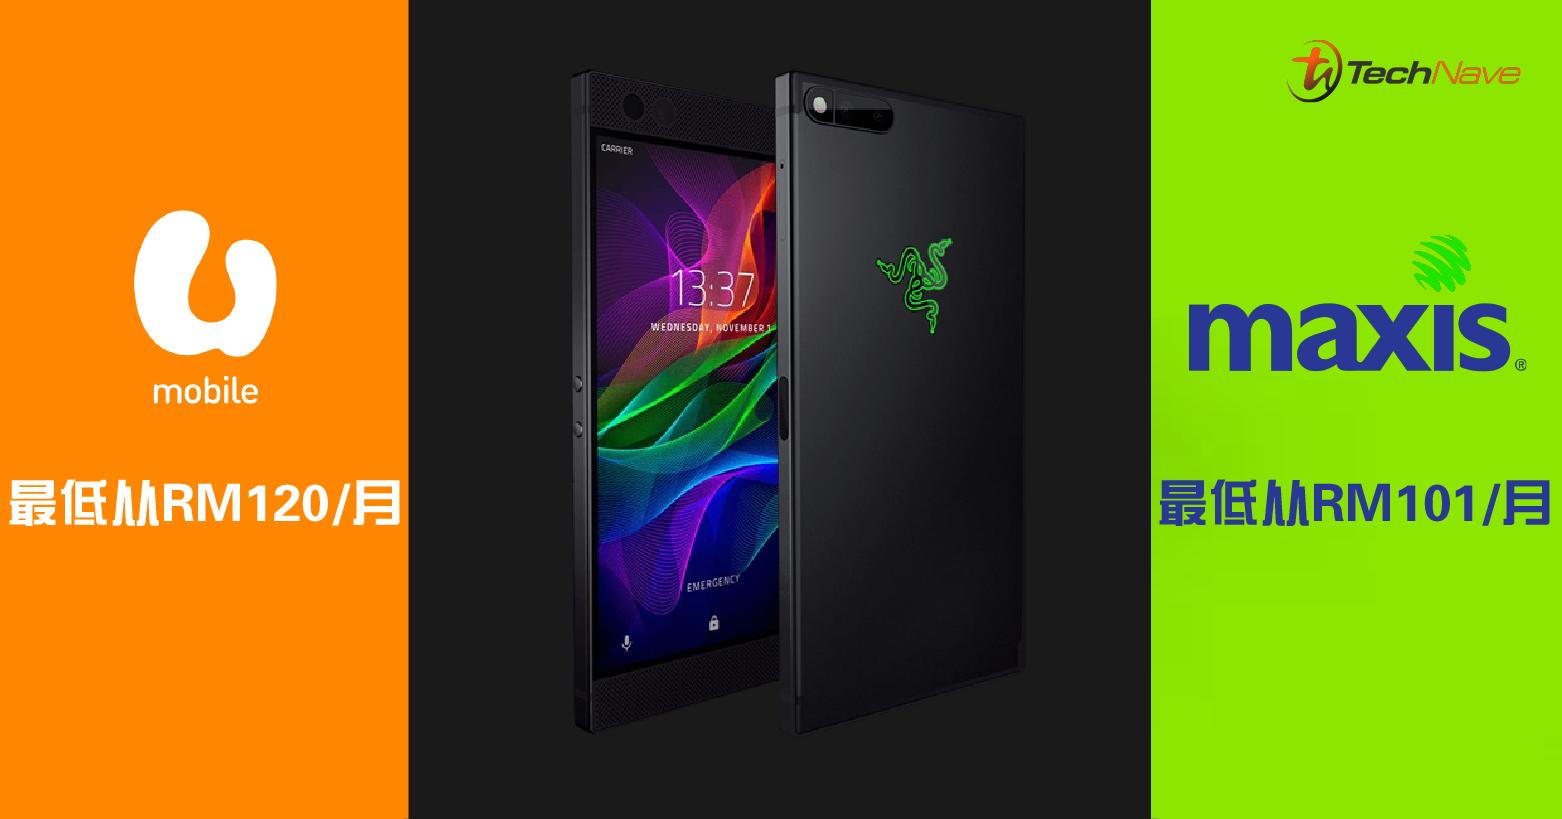 想要Razer Phone 2?通过Maxis和U Mobile也可签购,最低每月RM101起!